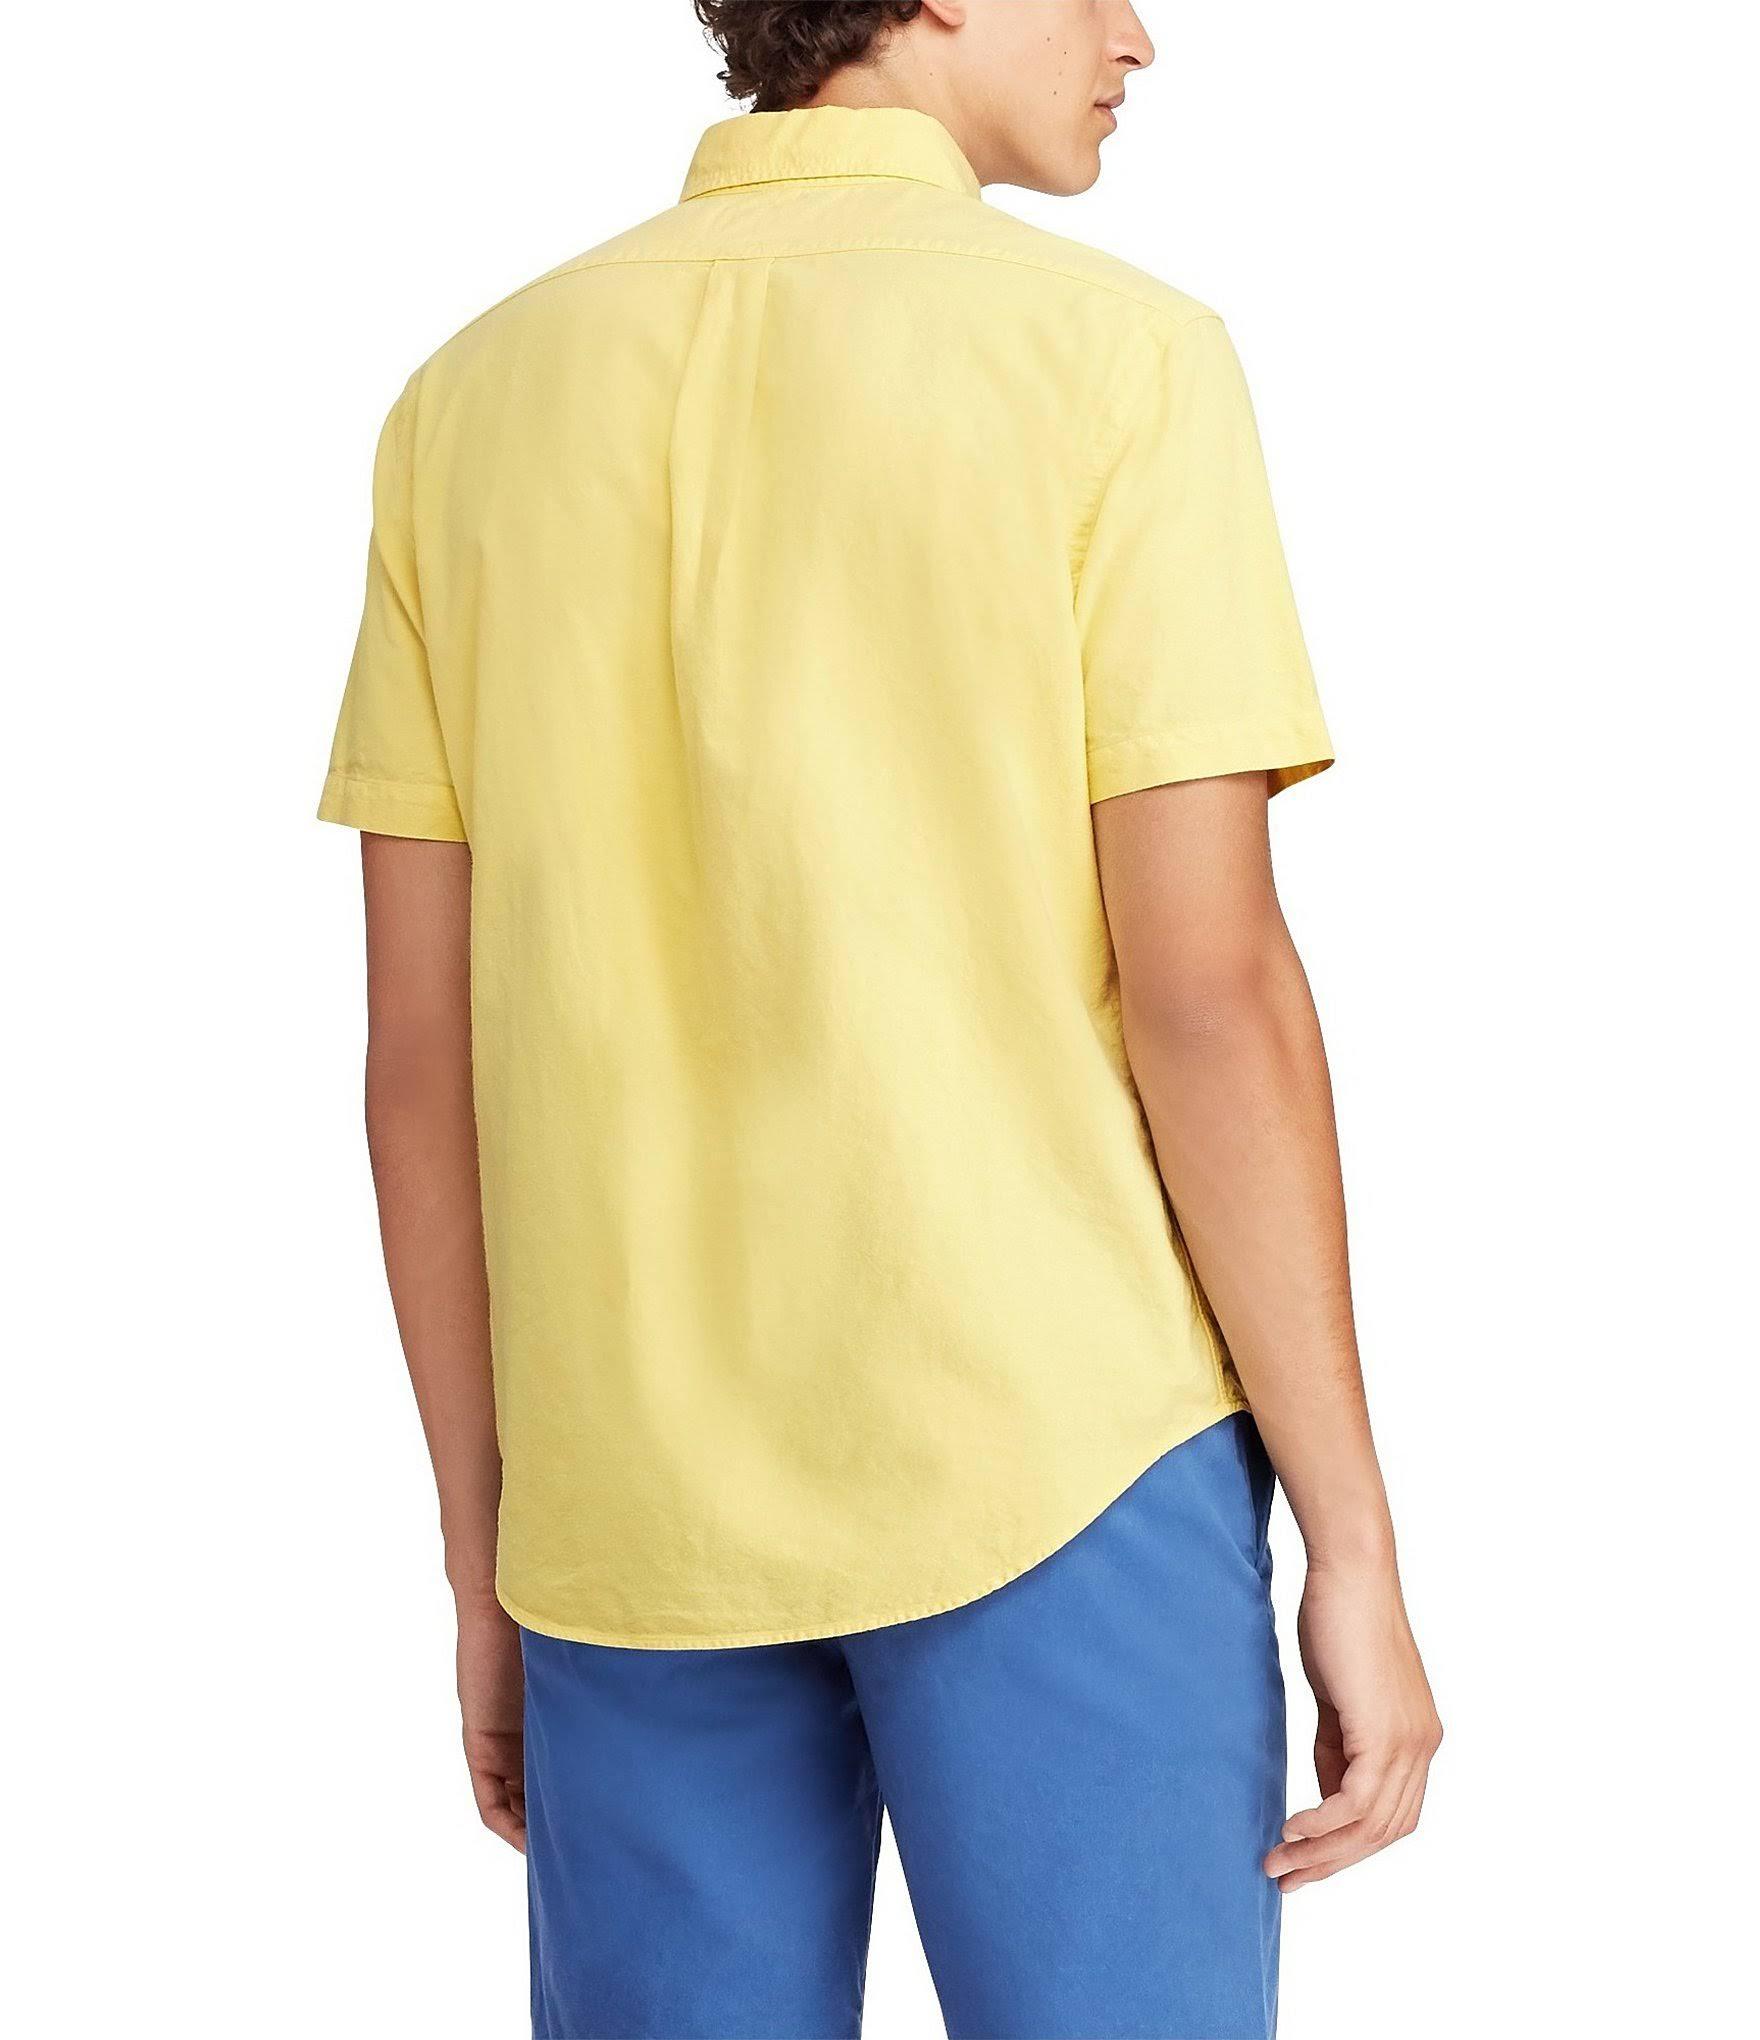 Polo Gelb hemd Herren L Für Ralph Oxford Lauren Klassisches rw0TxprqZS